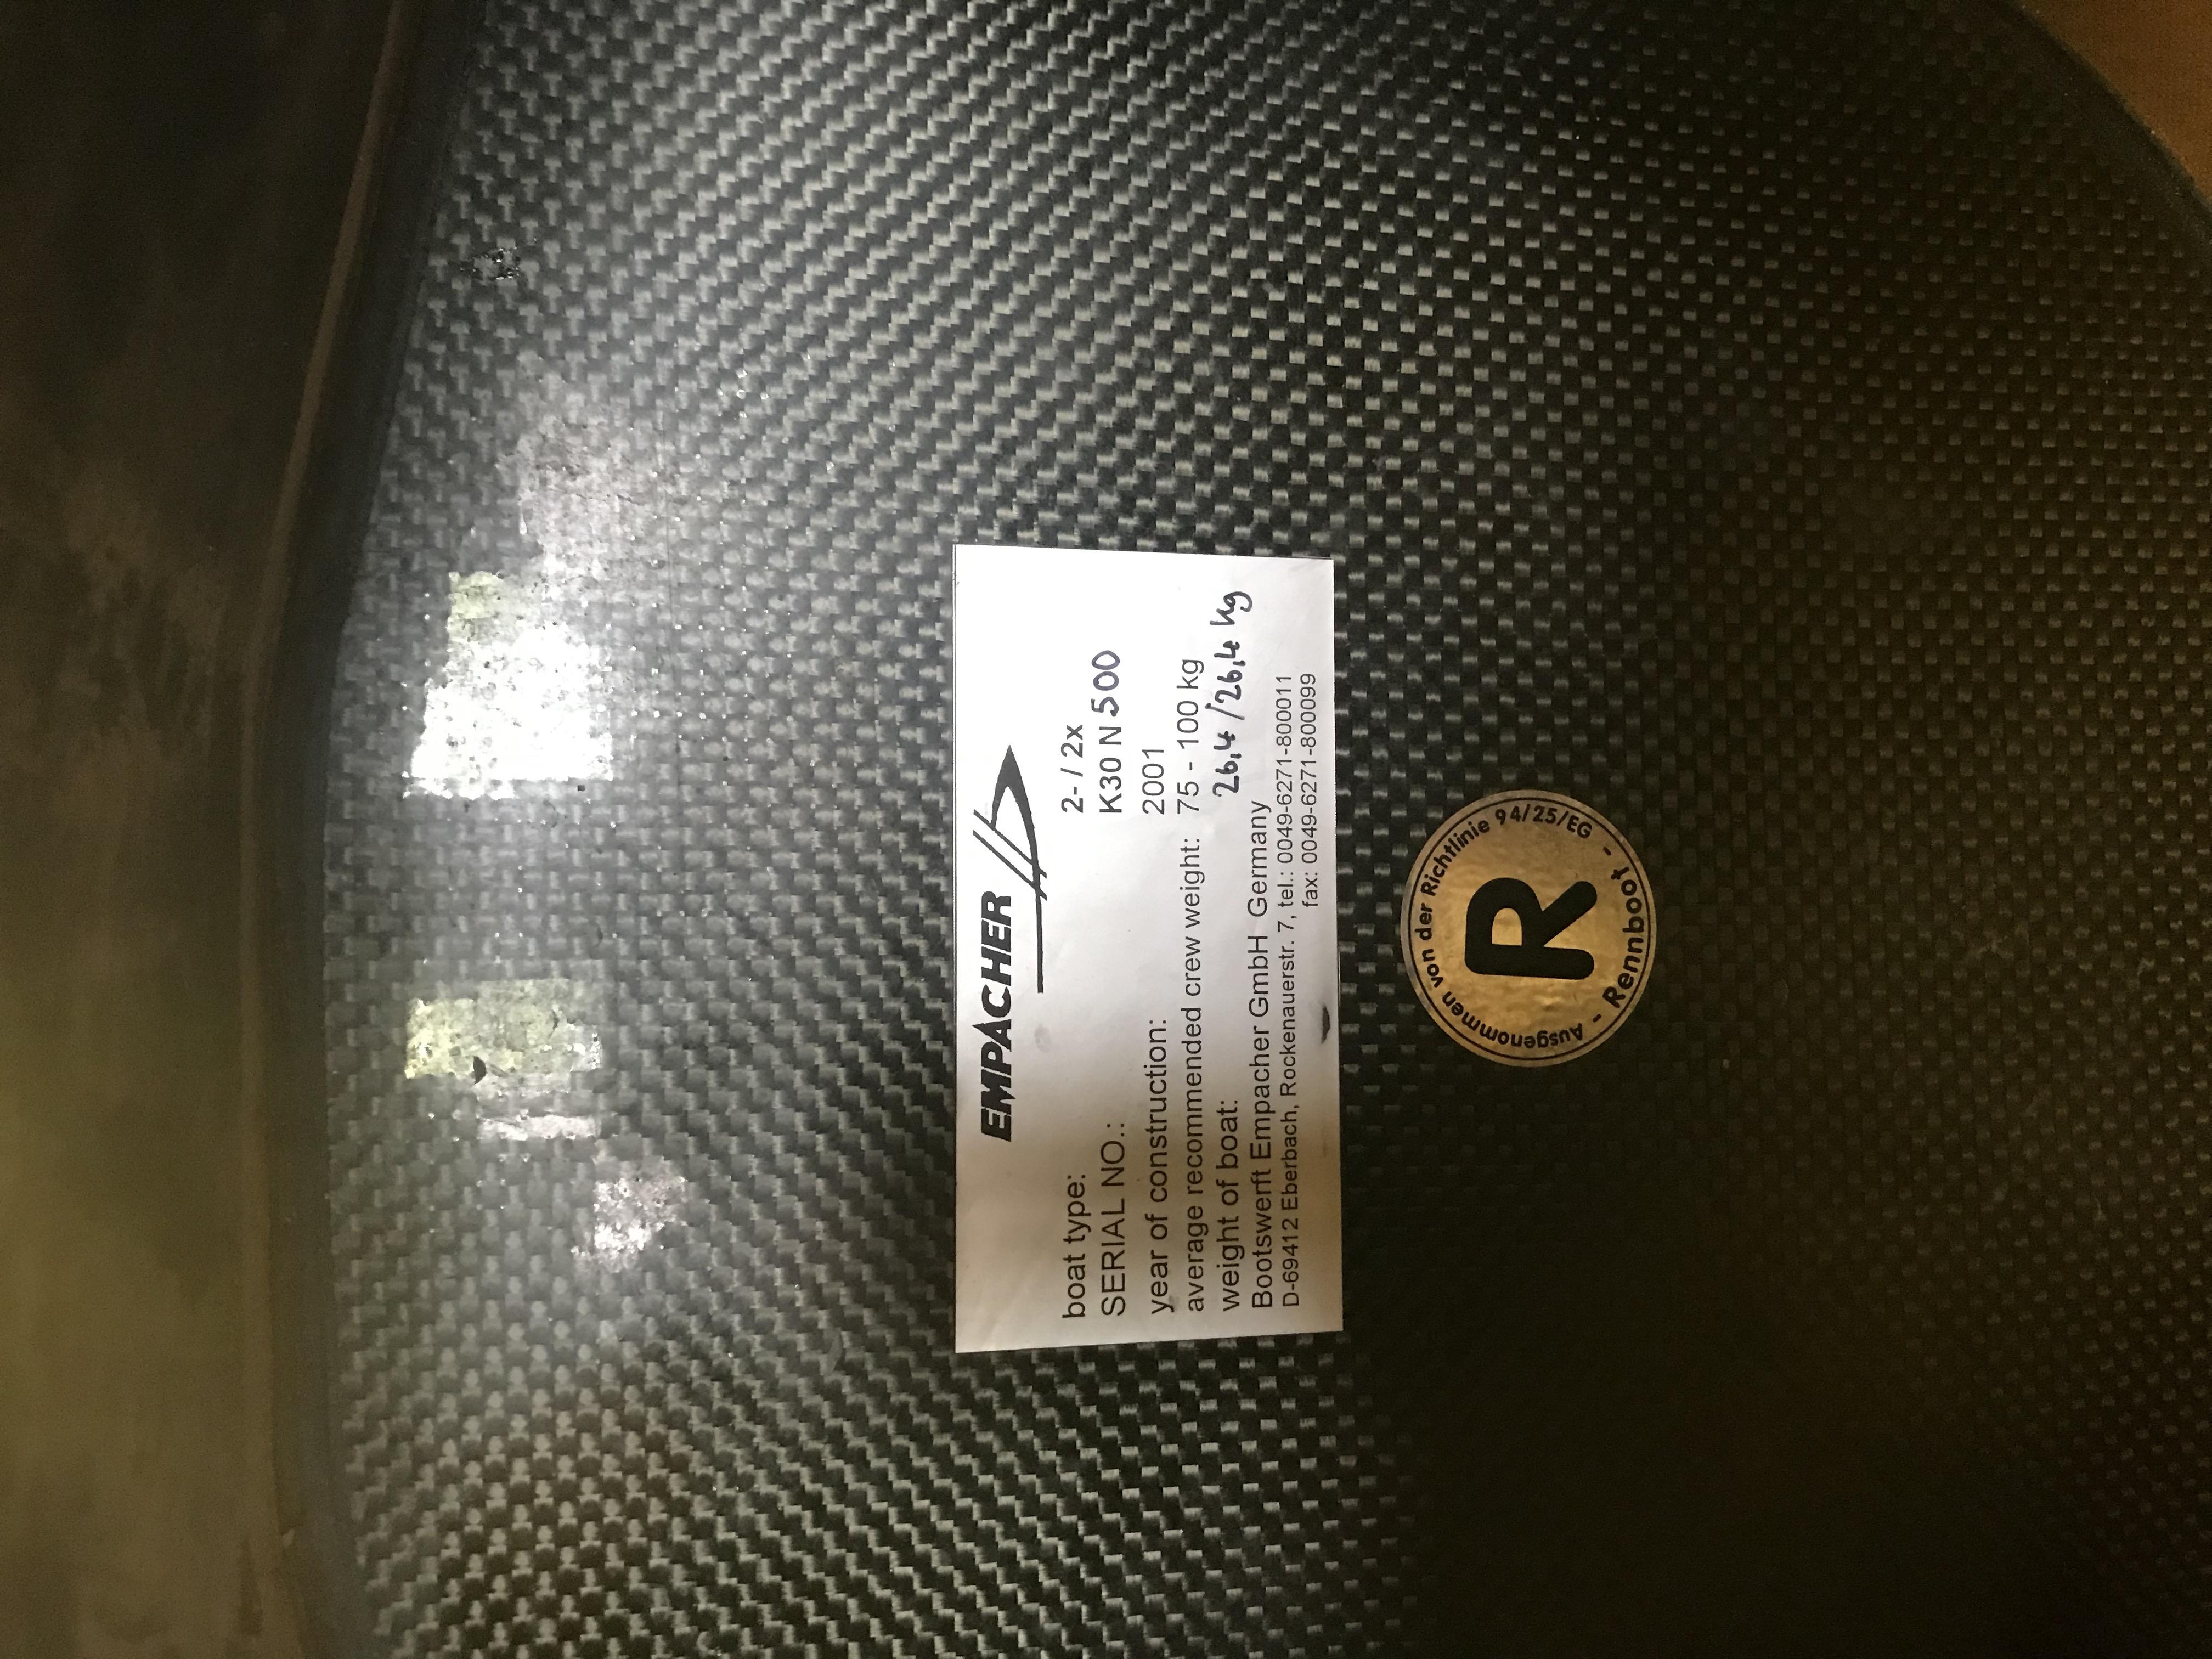 Empacher 2x- 2001 K30 (SOLD)